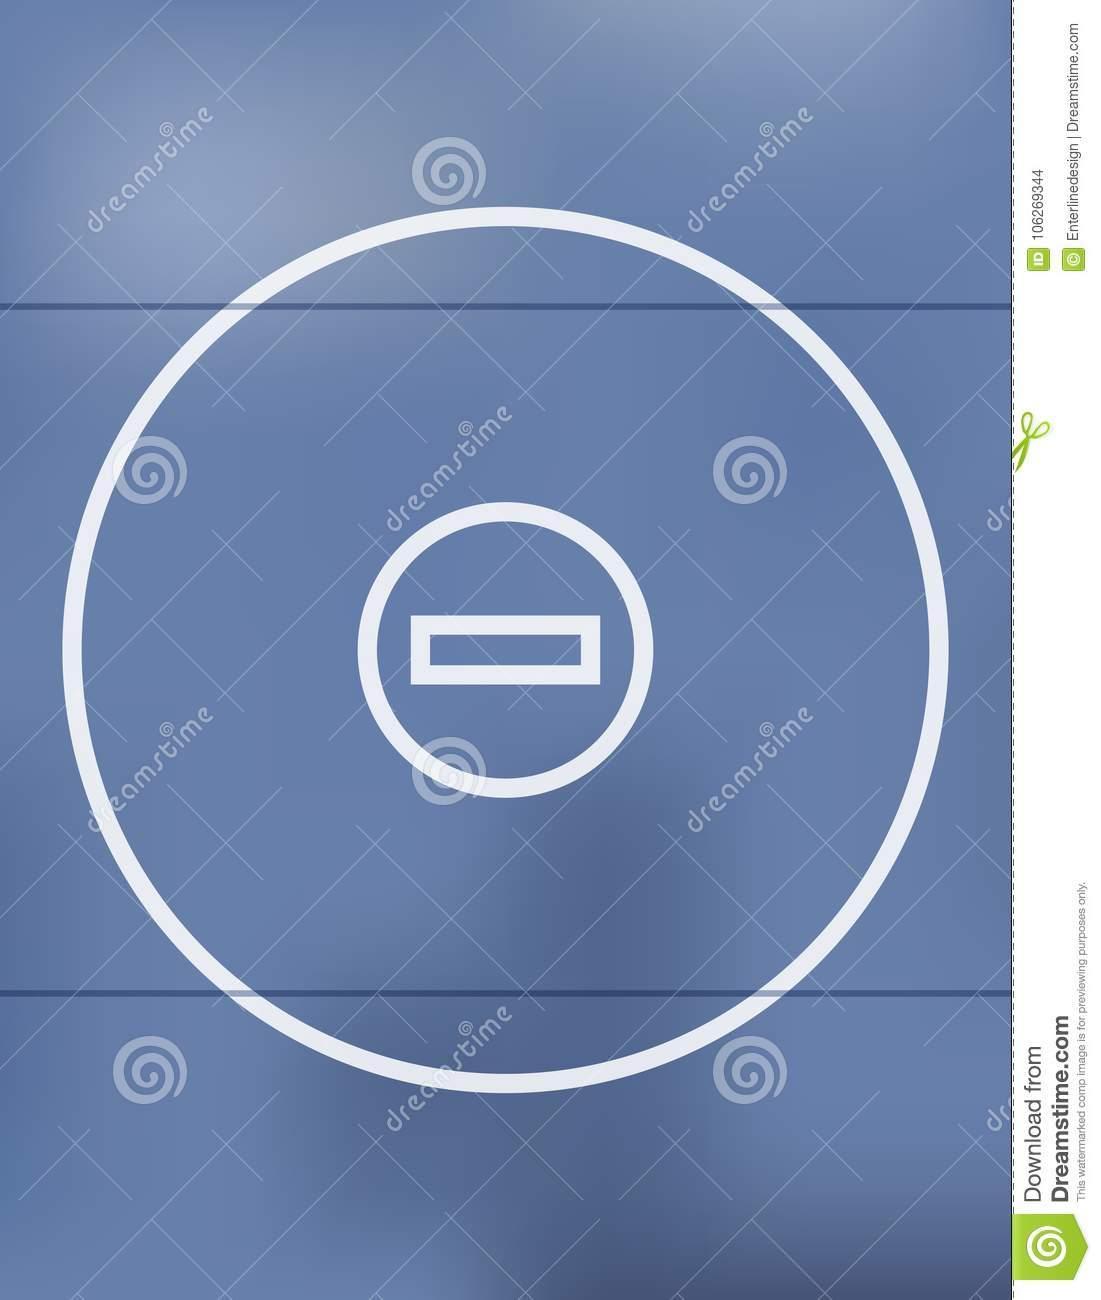 Wrestling mat clipart 4 » Clipart Portal.